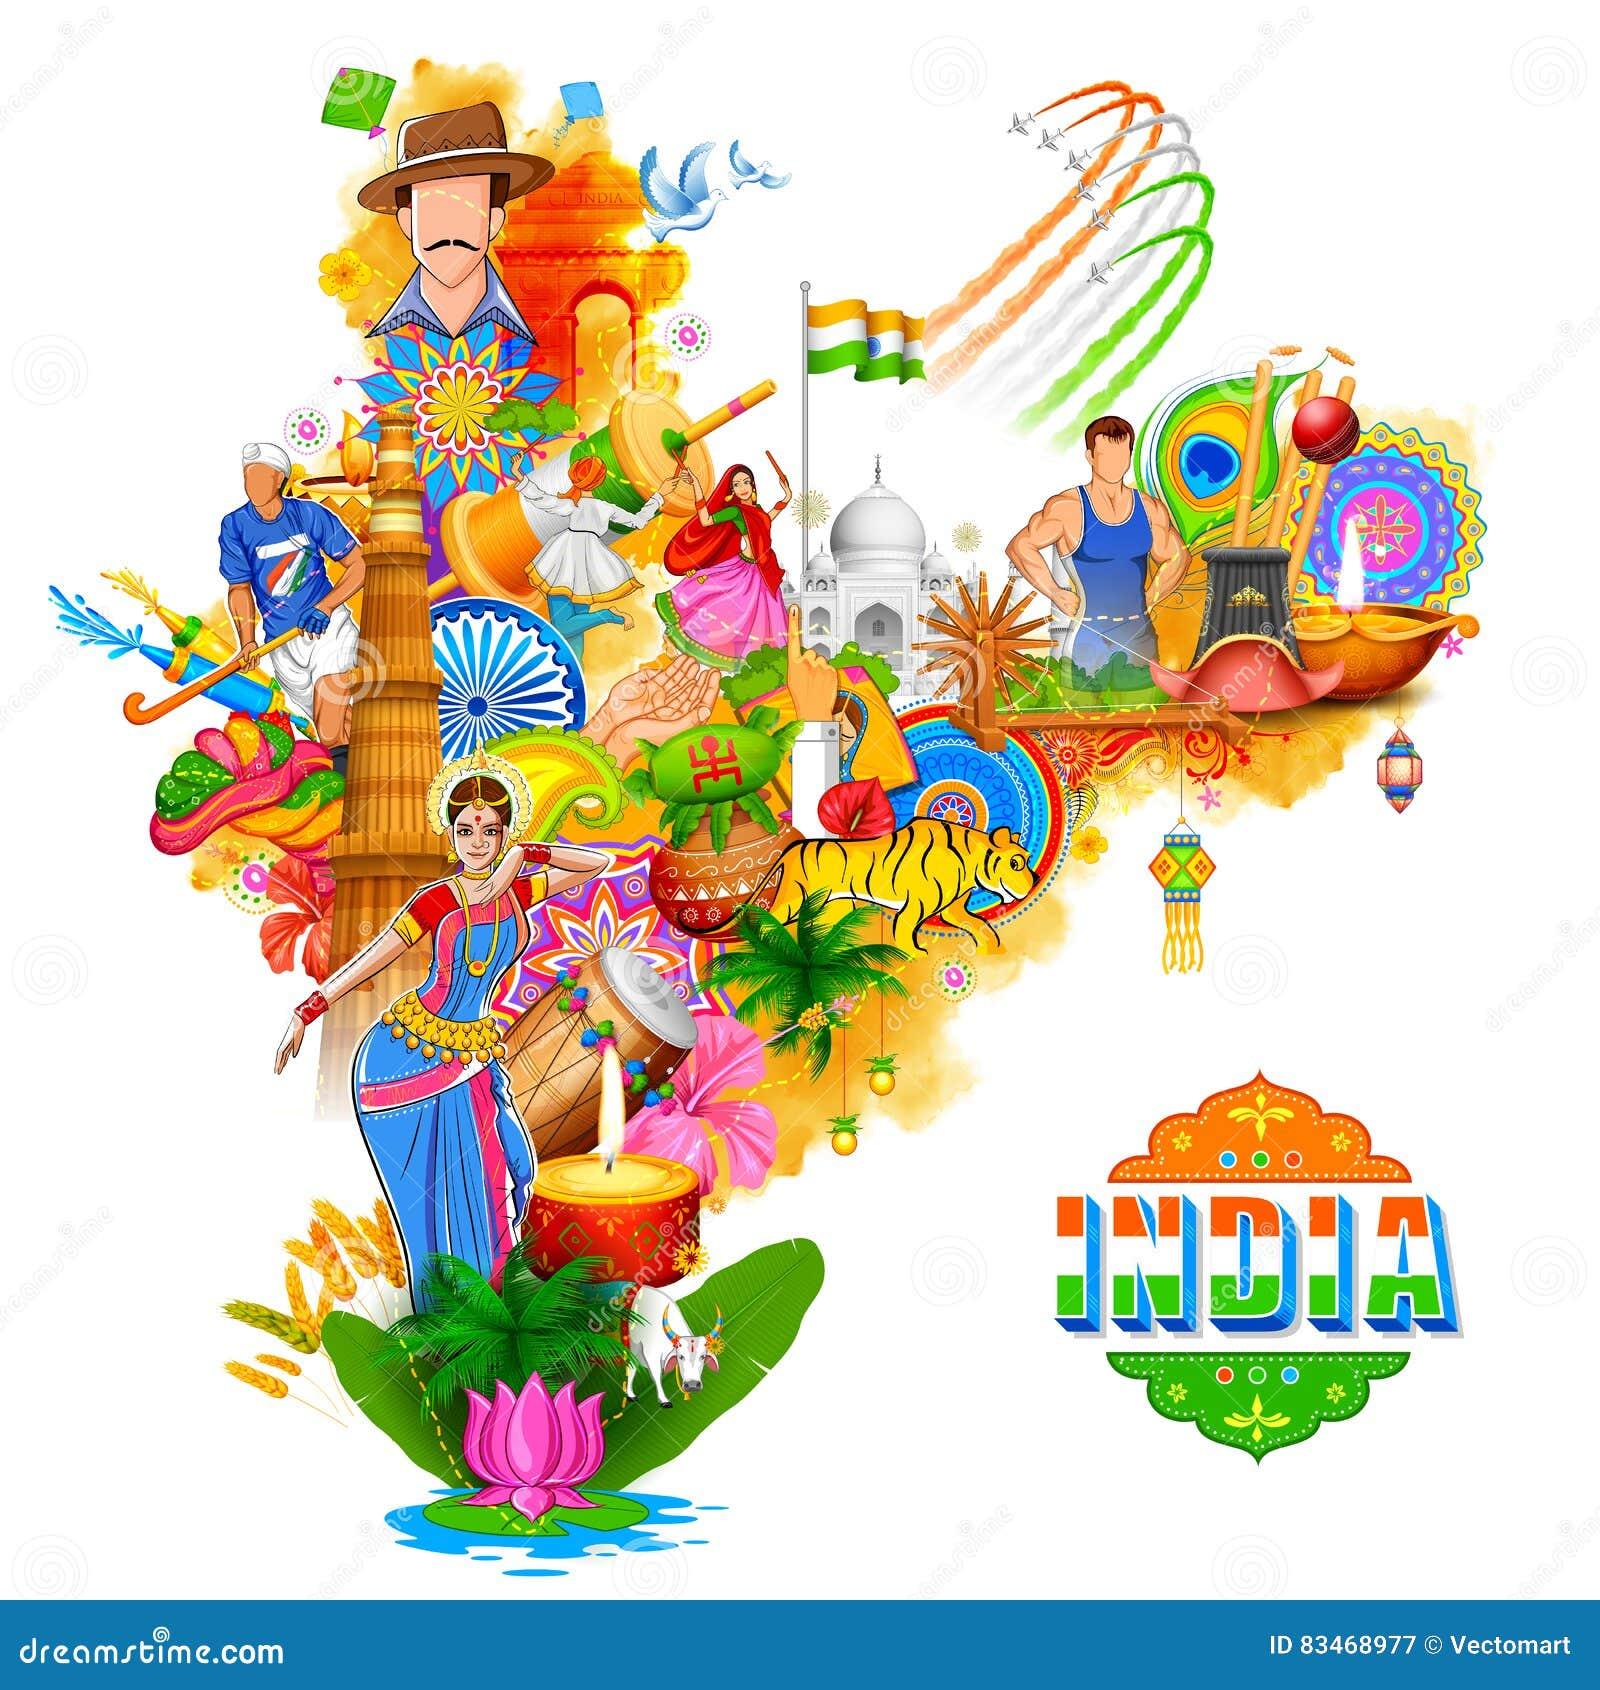 Υπόβαθρο της Ινδίας που παρουσιάζει τον απίστευτους πολιτισμό και ποικιλομορφία του με το μνημείο, φεστιβάλ χορού